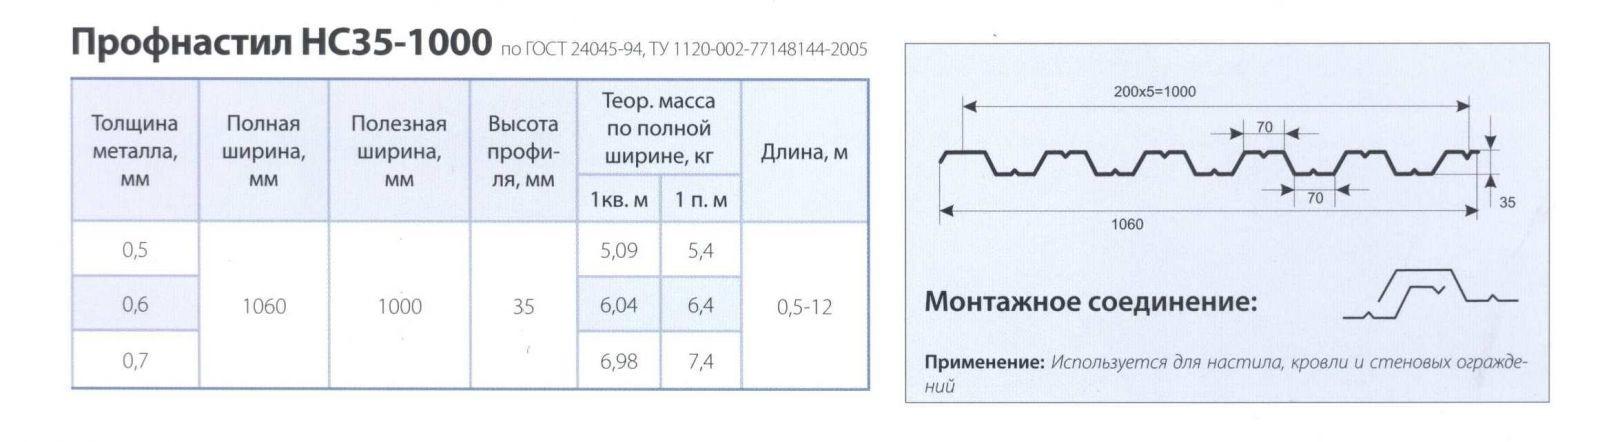 вес профнастила нс35 1000 0 6